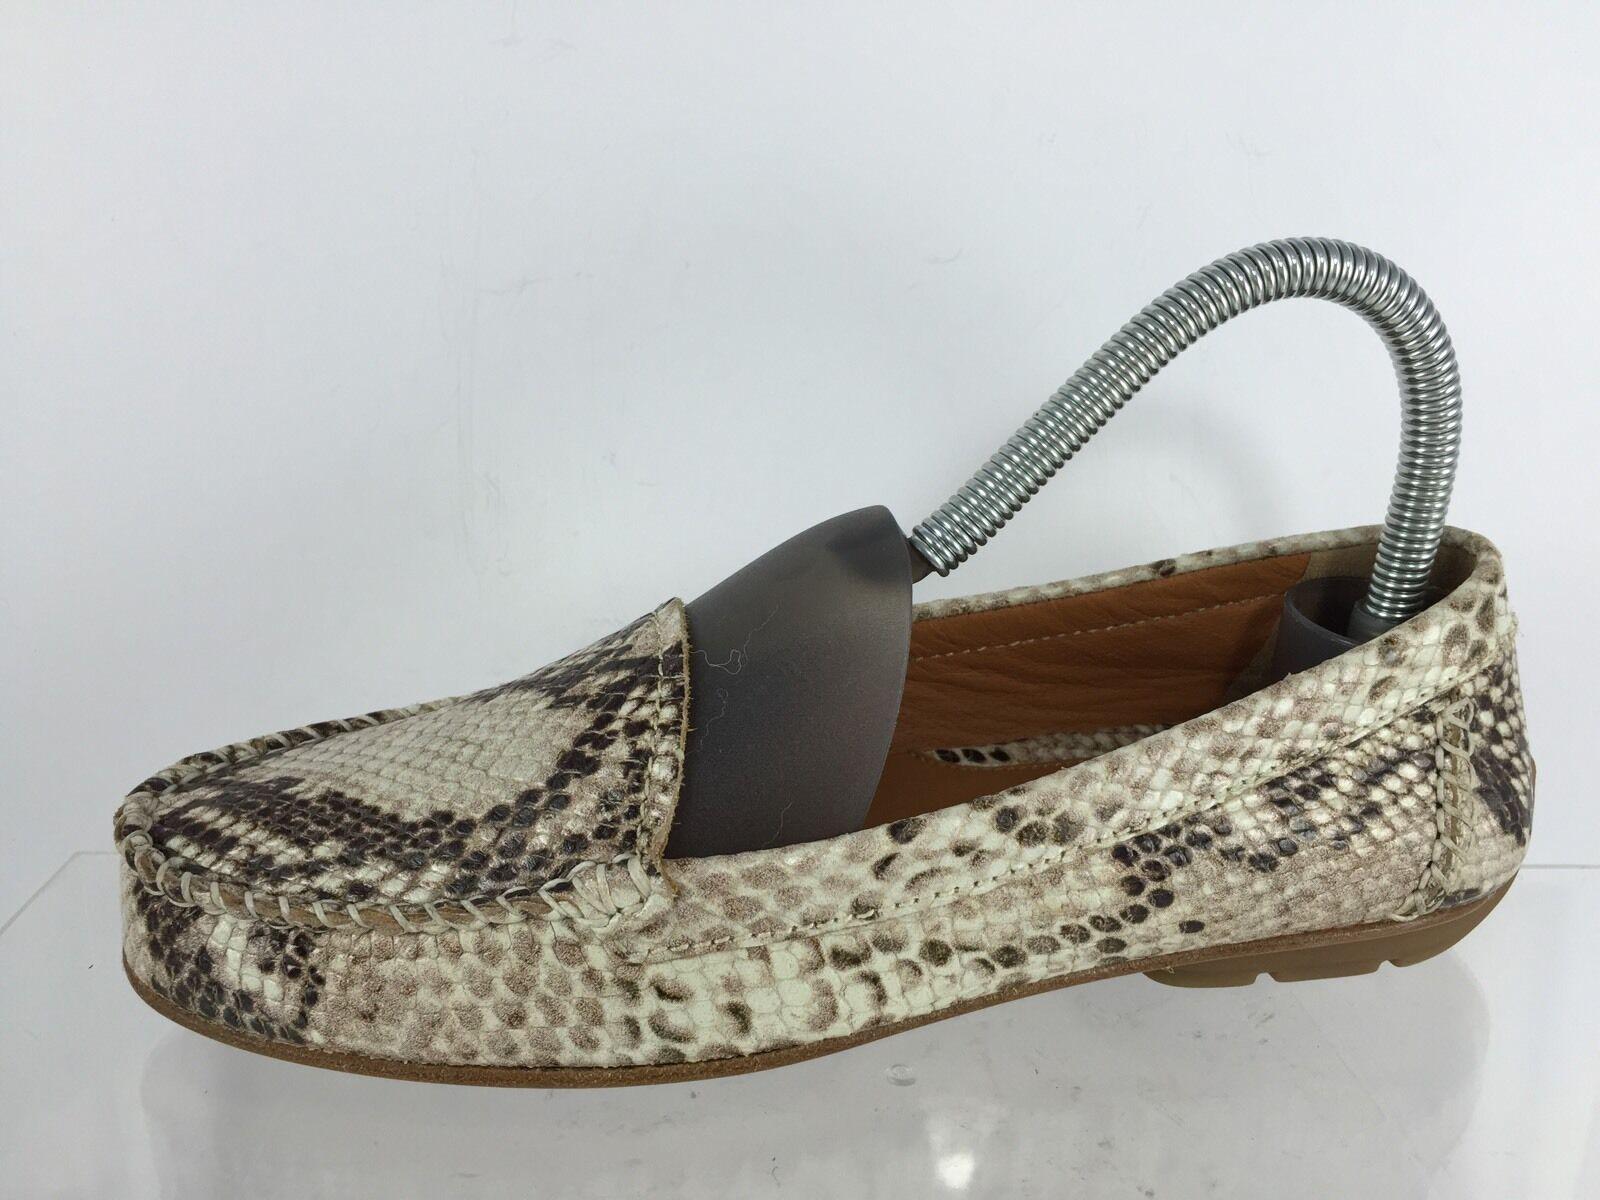 Geox Respira Womens Beige/Brown Snake Textured Flats 36